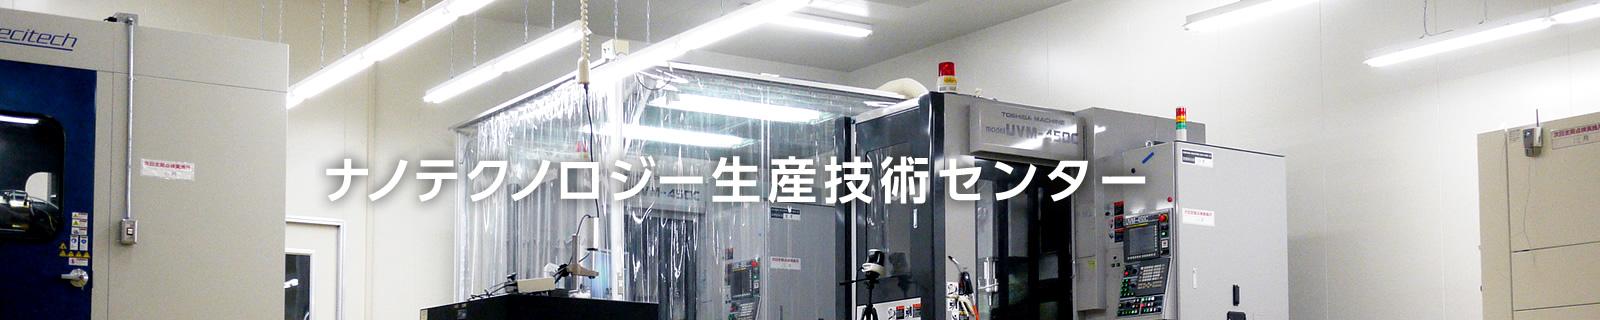 ナノテクノロジー生産技術センター